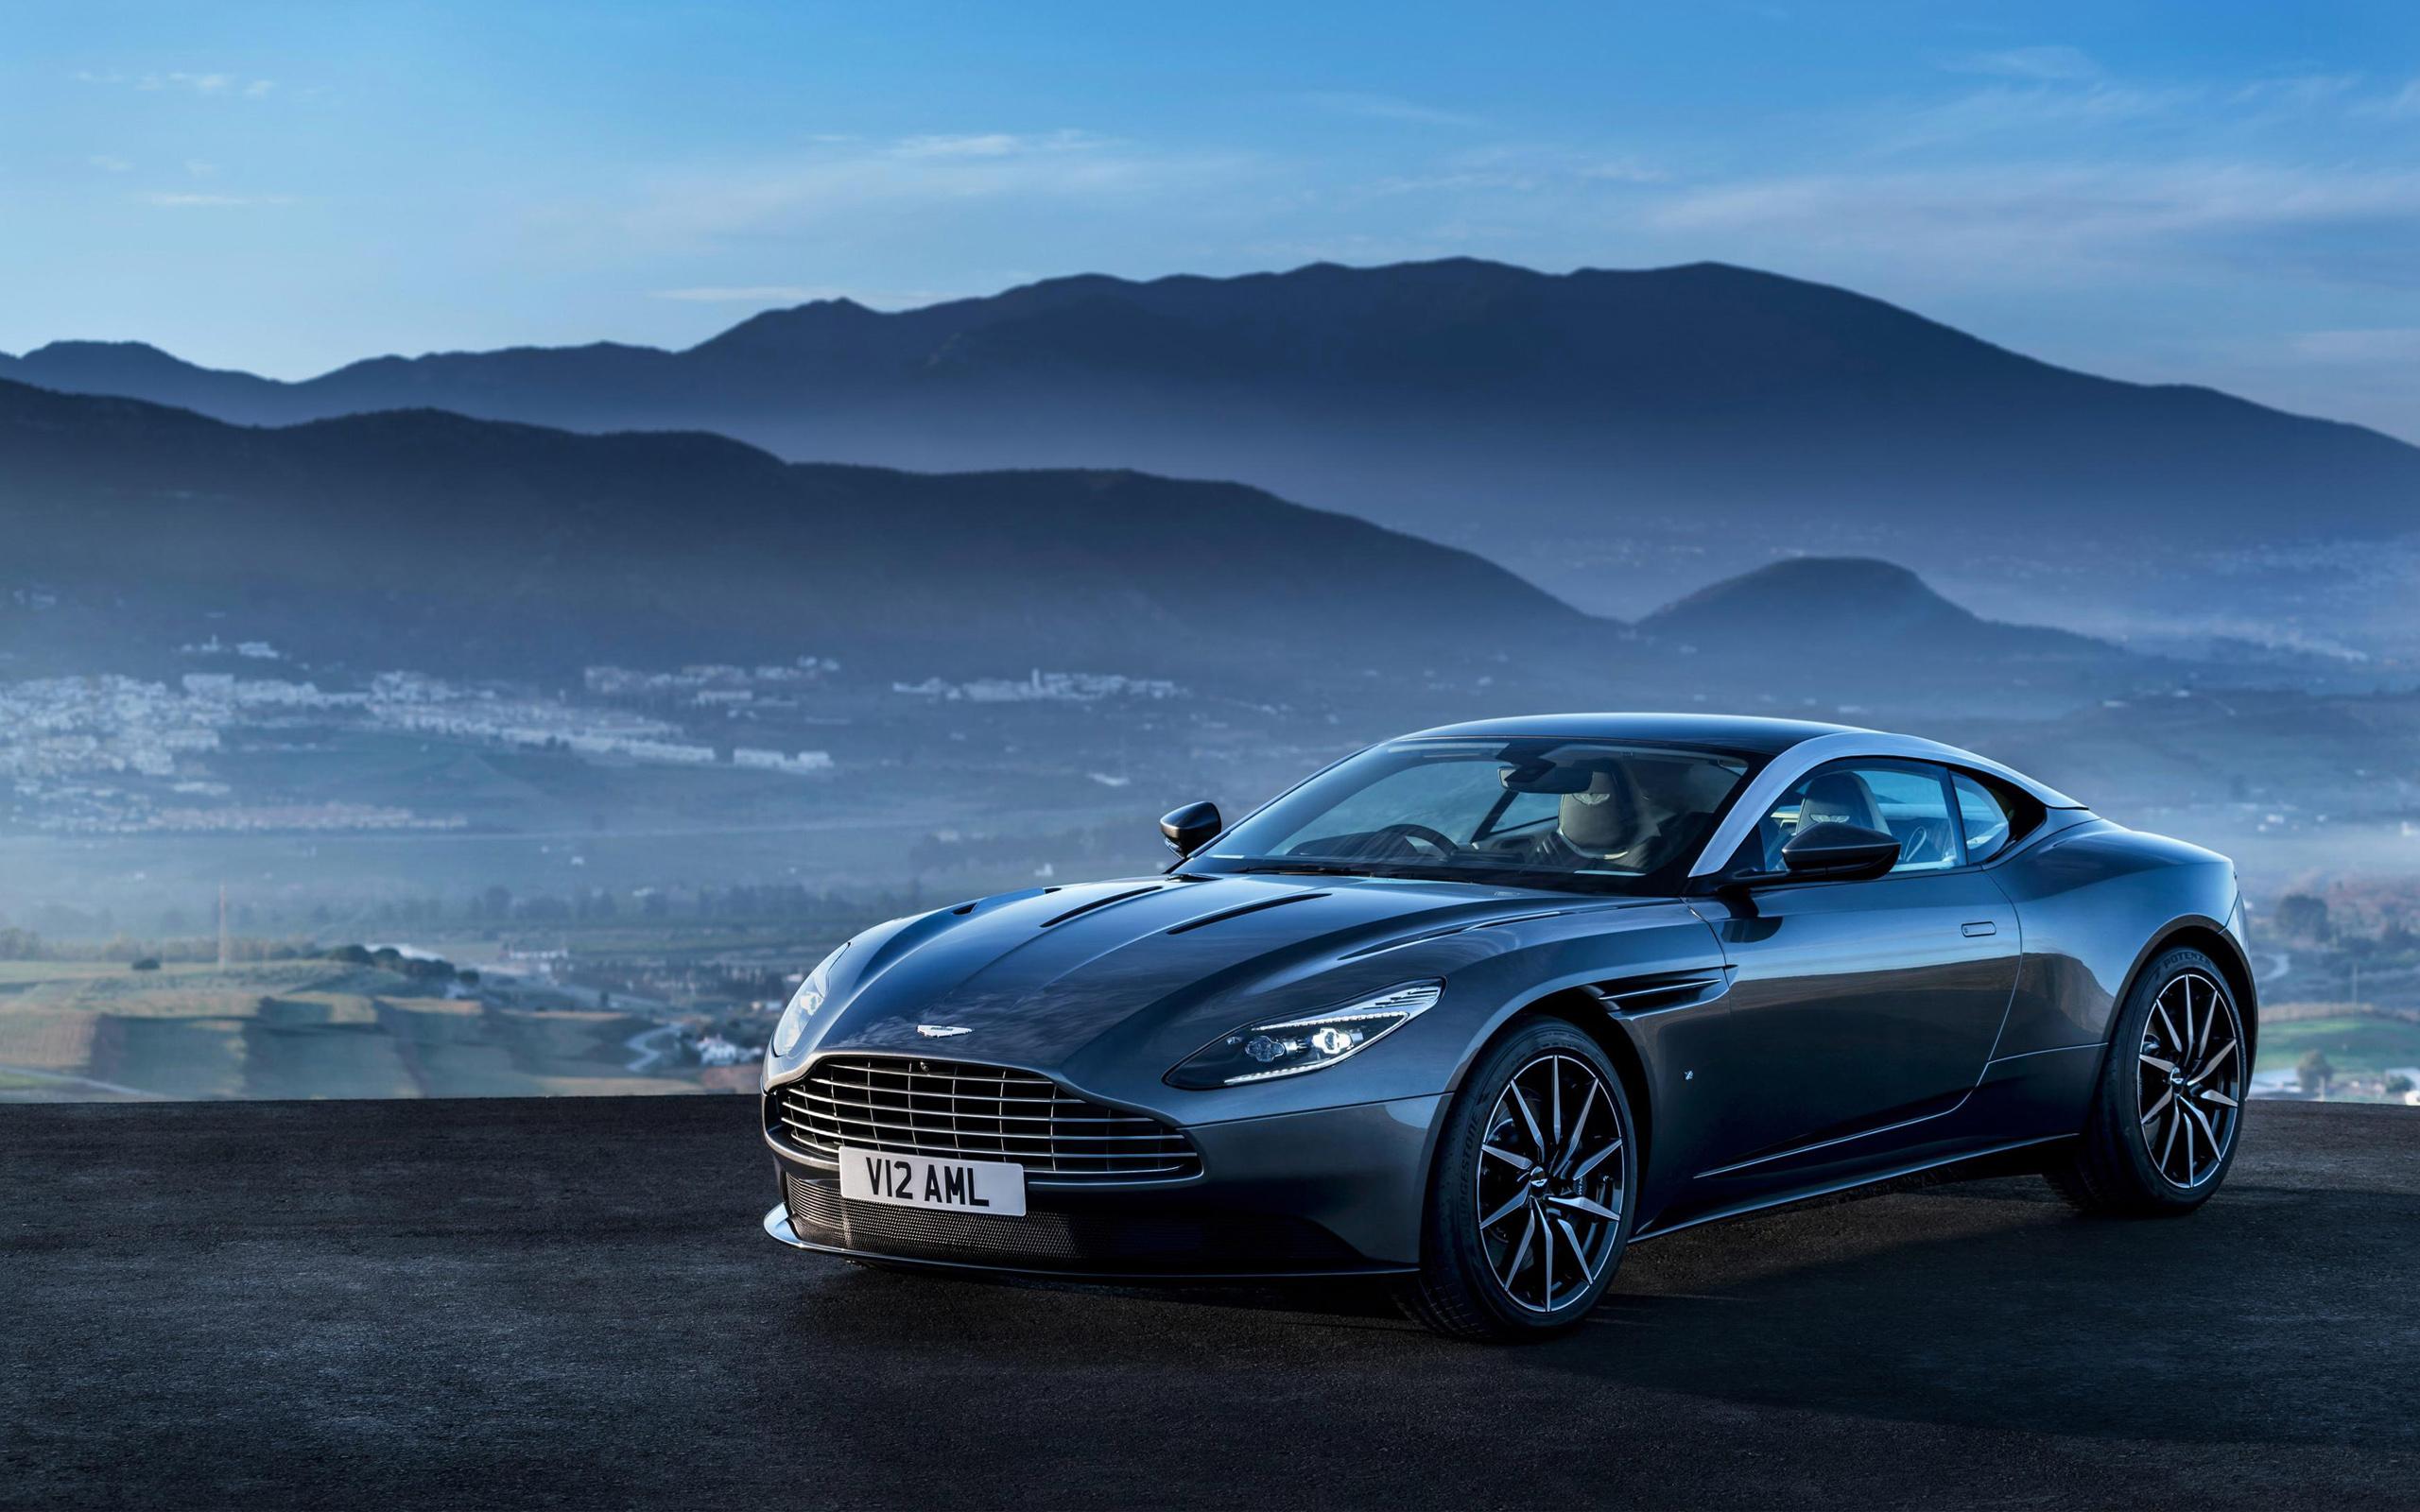 2017 Aston Martin Db11 Wallpaper Hd Car Wallpapers Id